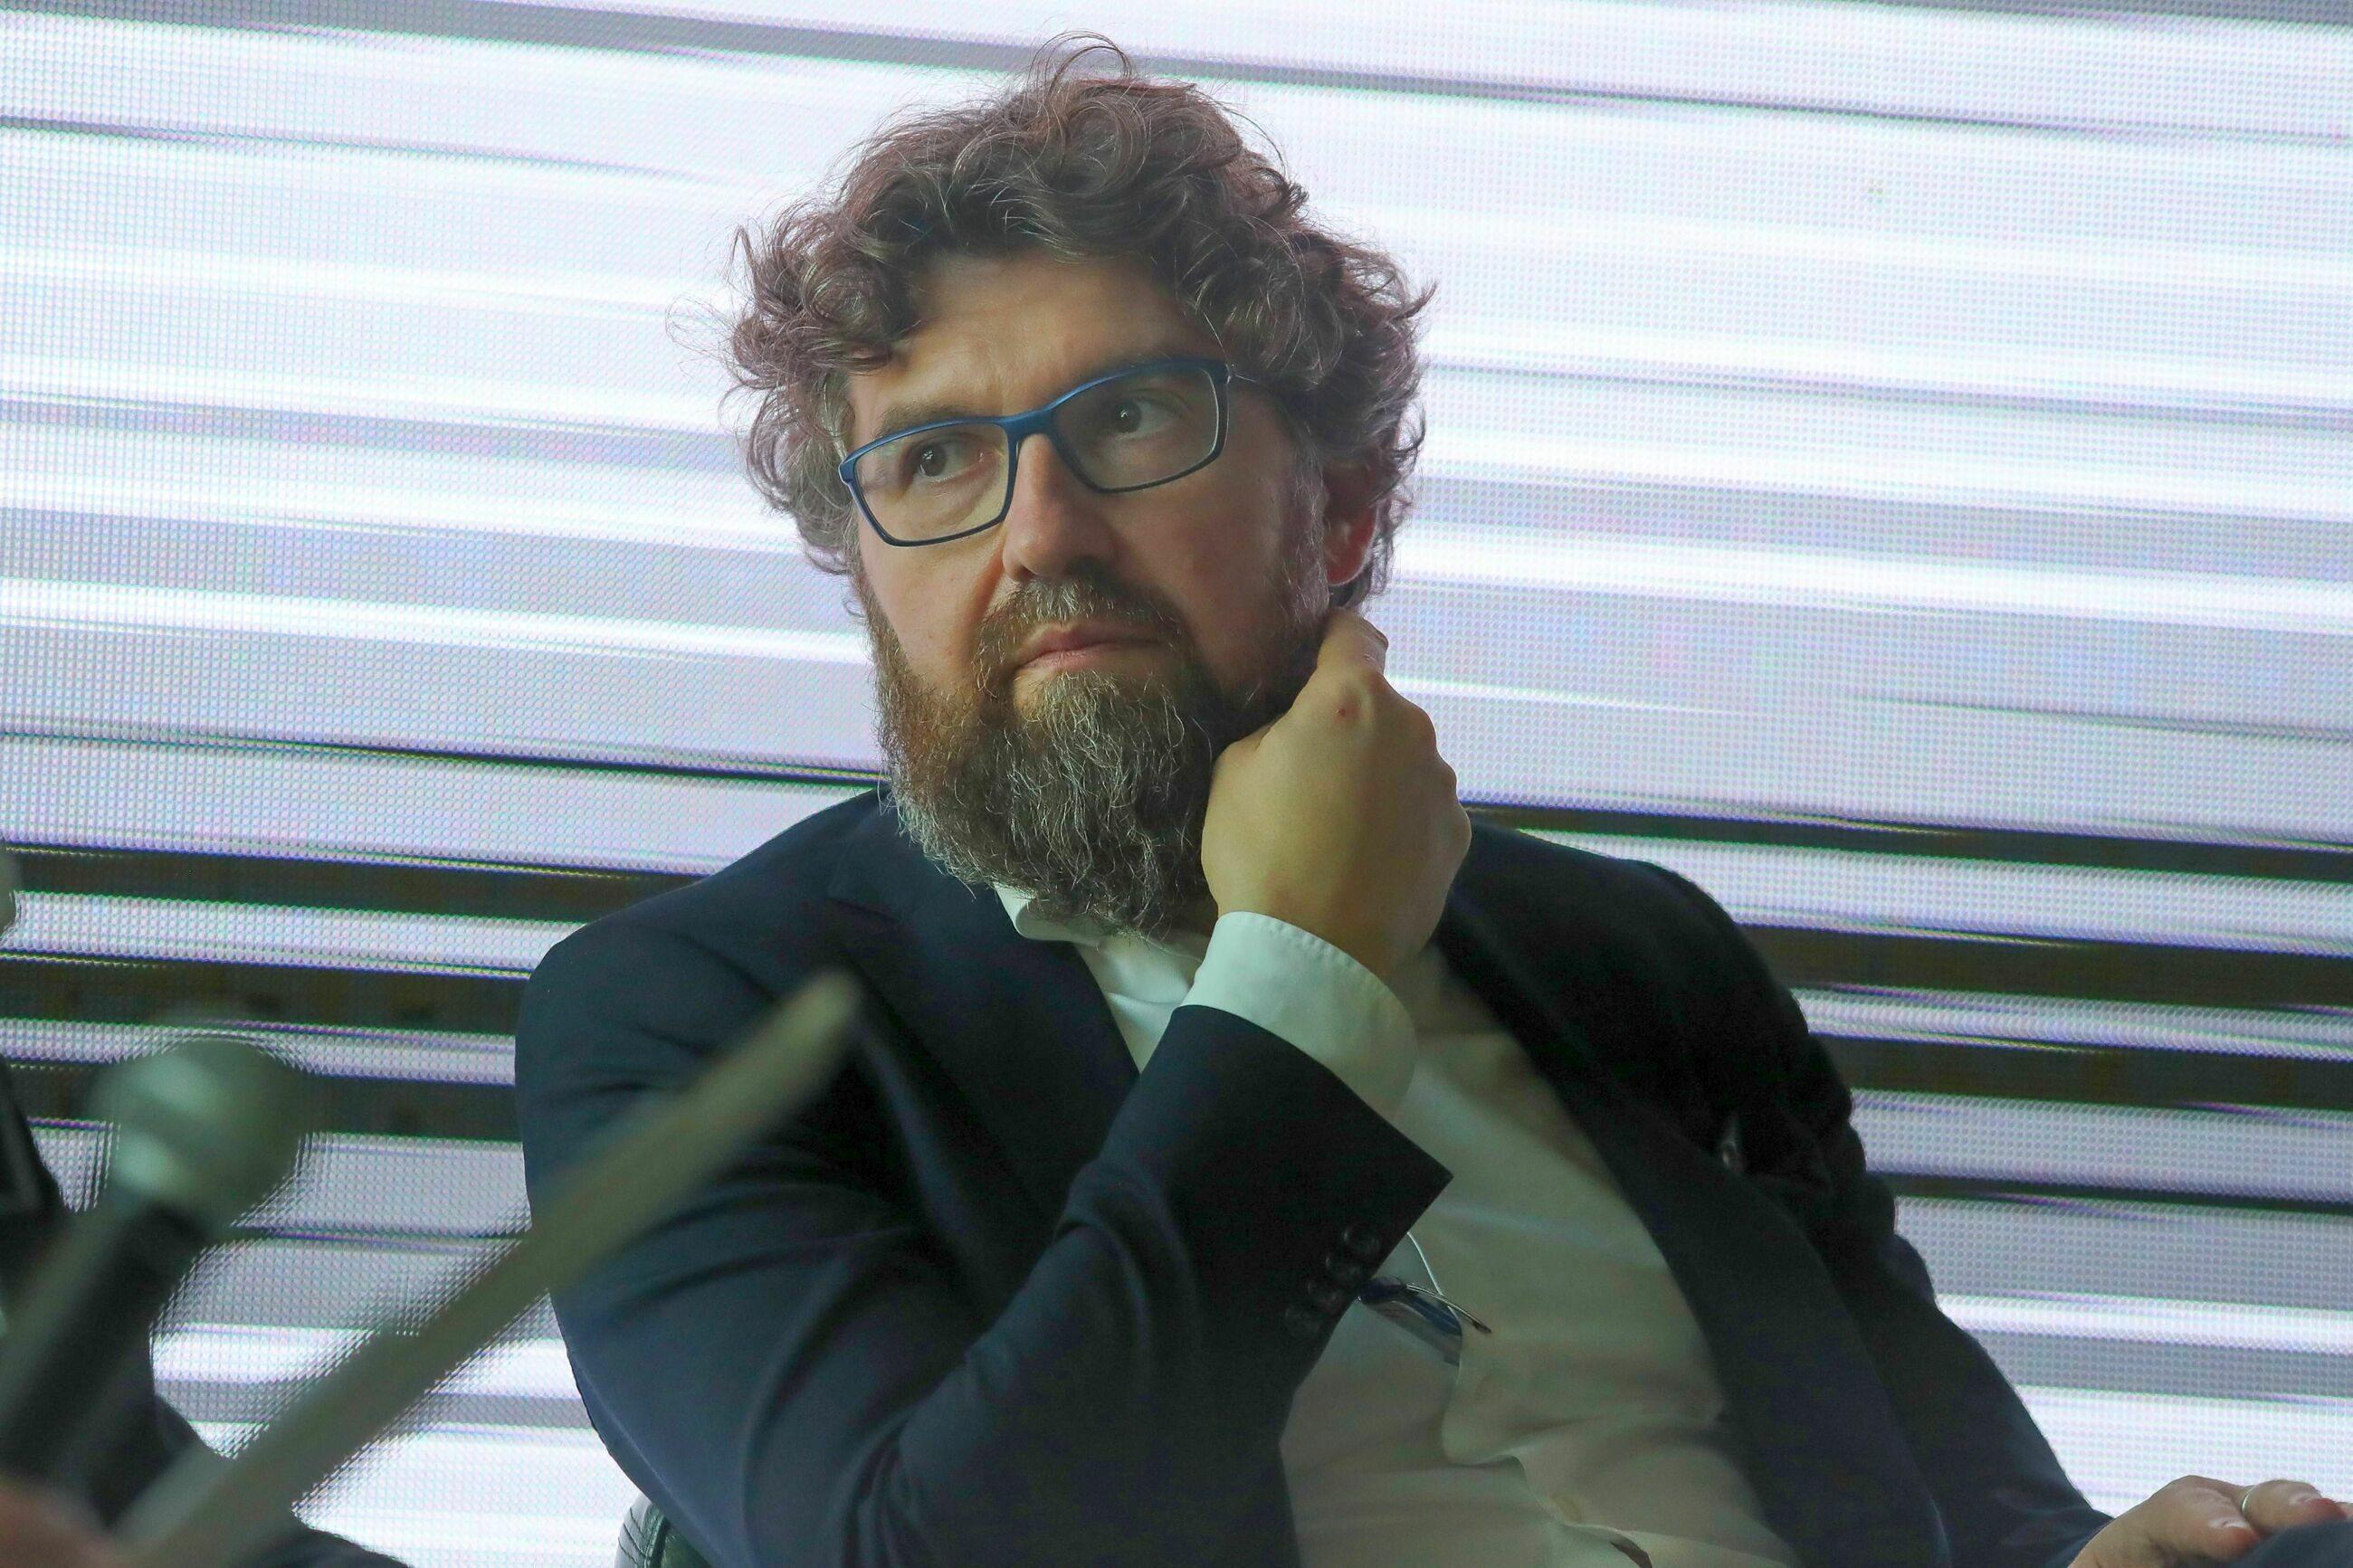 Piotr Woźny